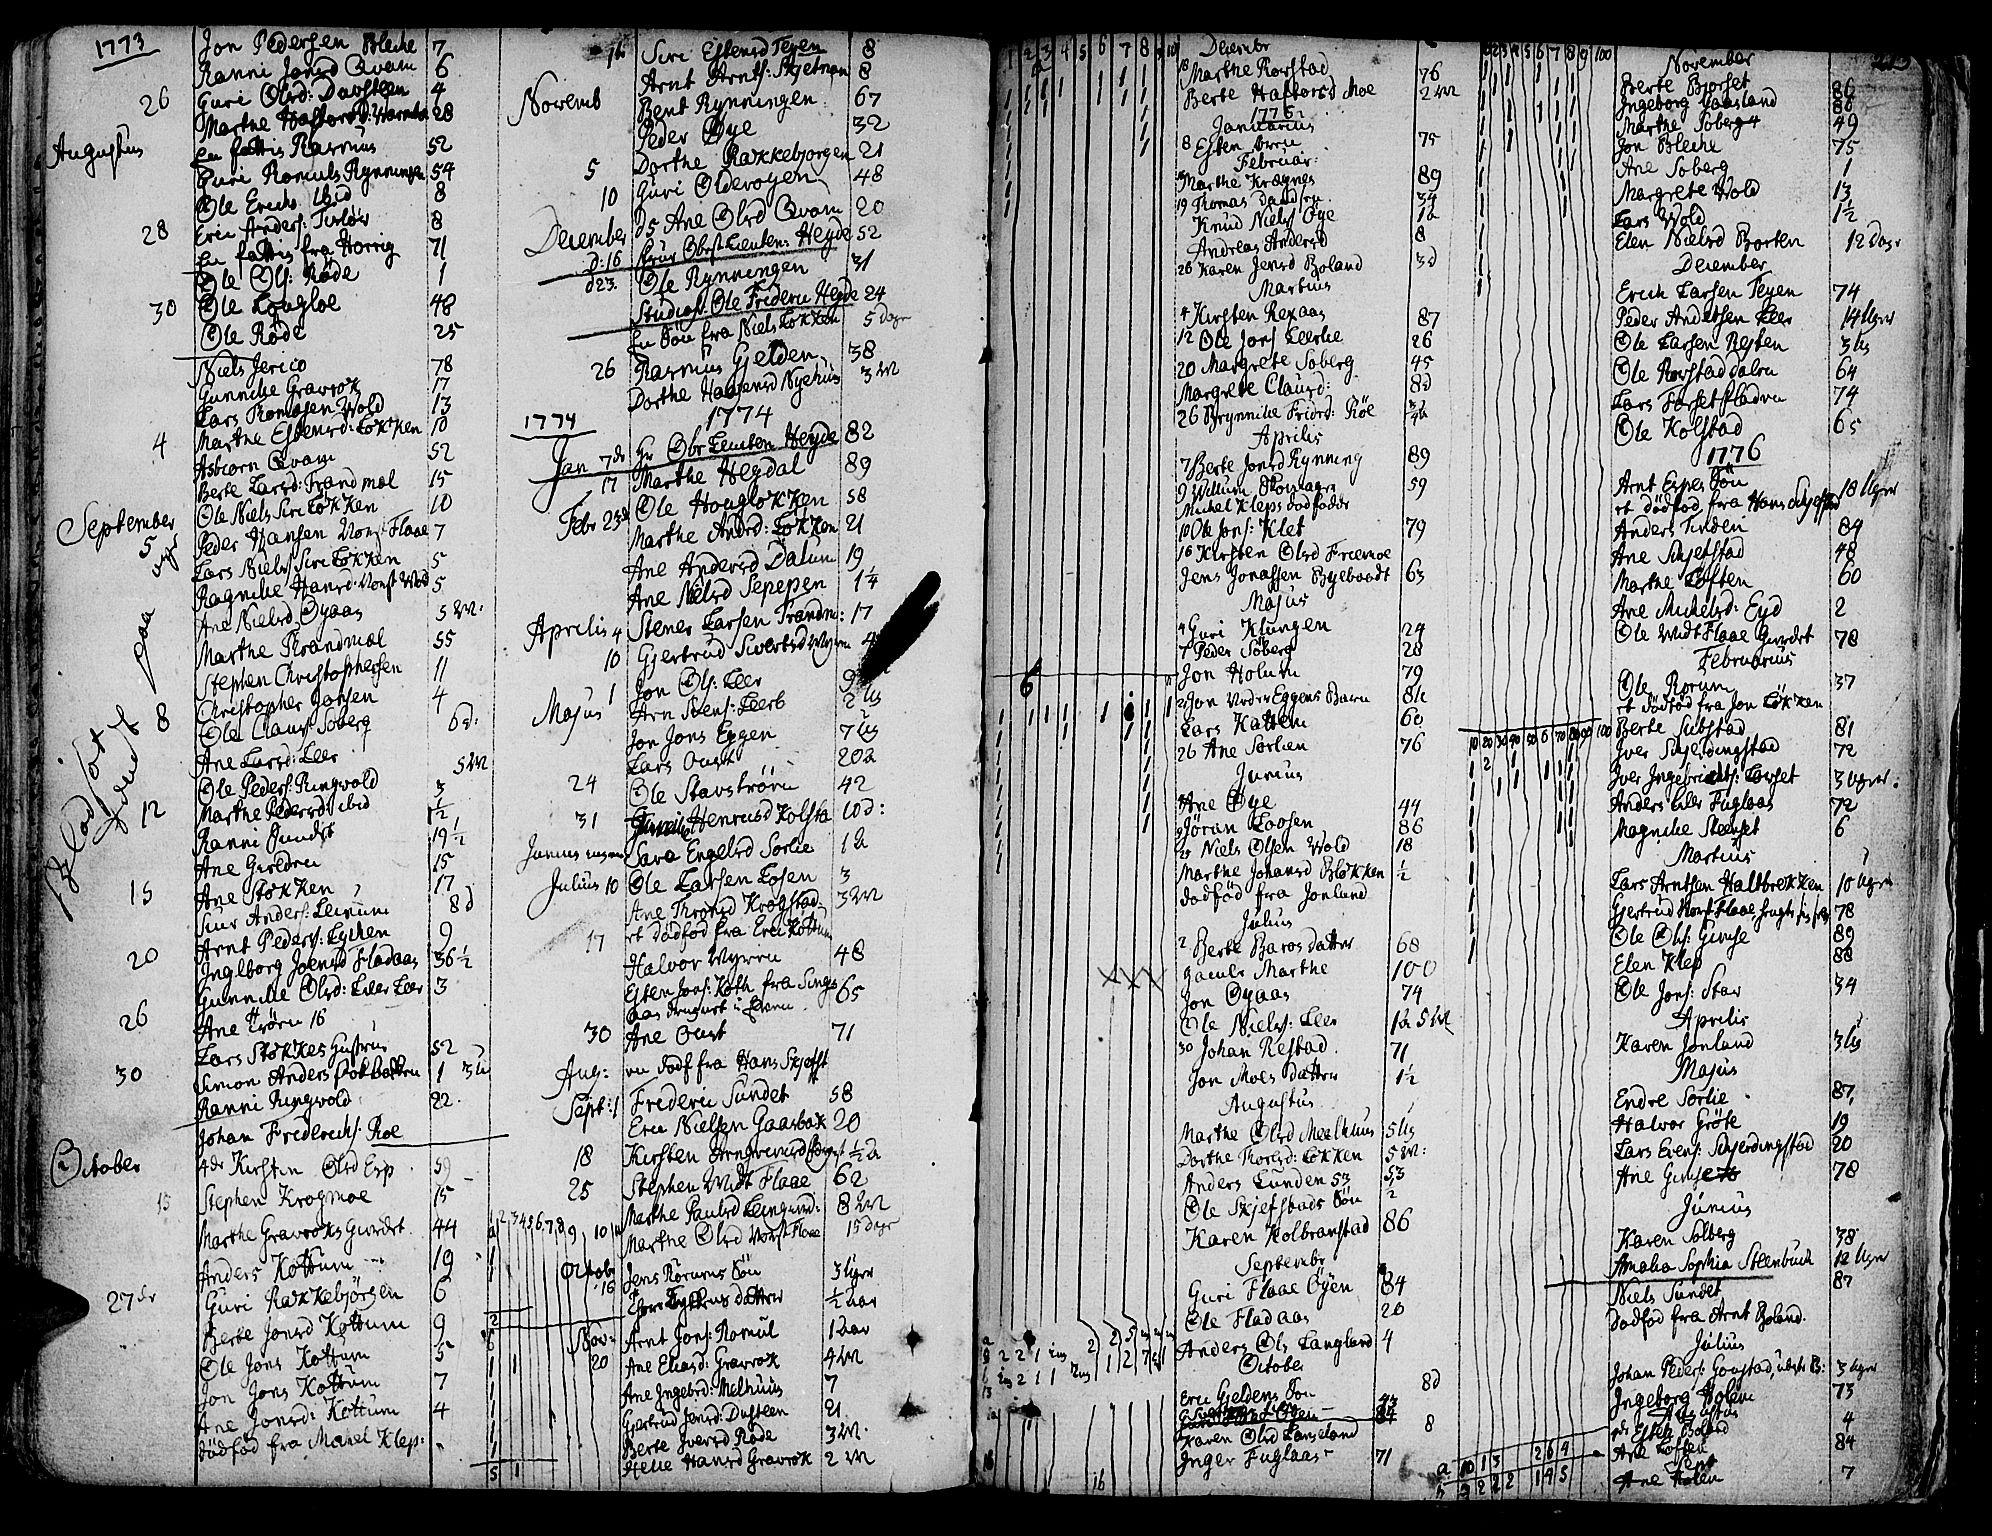 SAT, Ministerialprotokoller, klokkerbøker og fødselsregistre - Sør-Trøndelag, 691/L1061: Ministerialbok nr. 691A02 /1, 1768-1815, s. 213